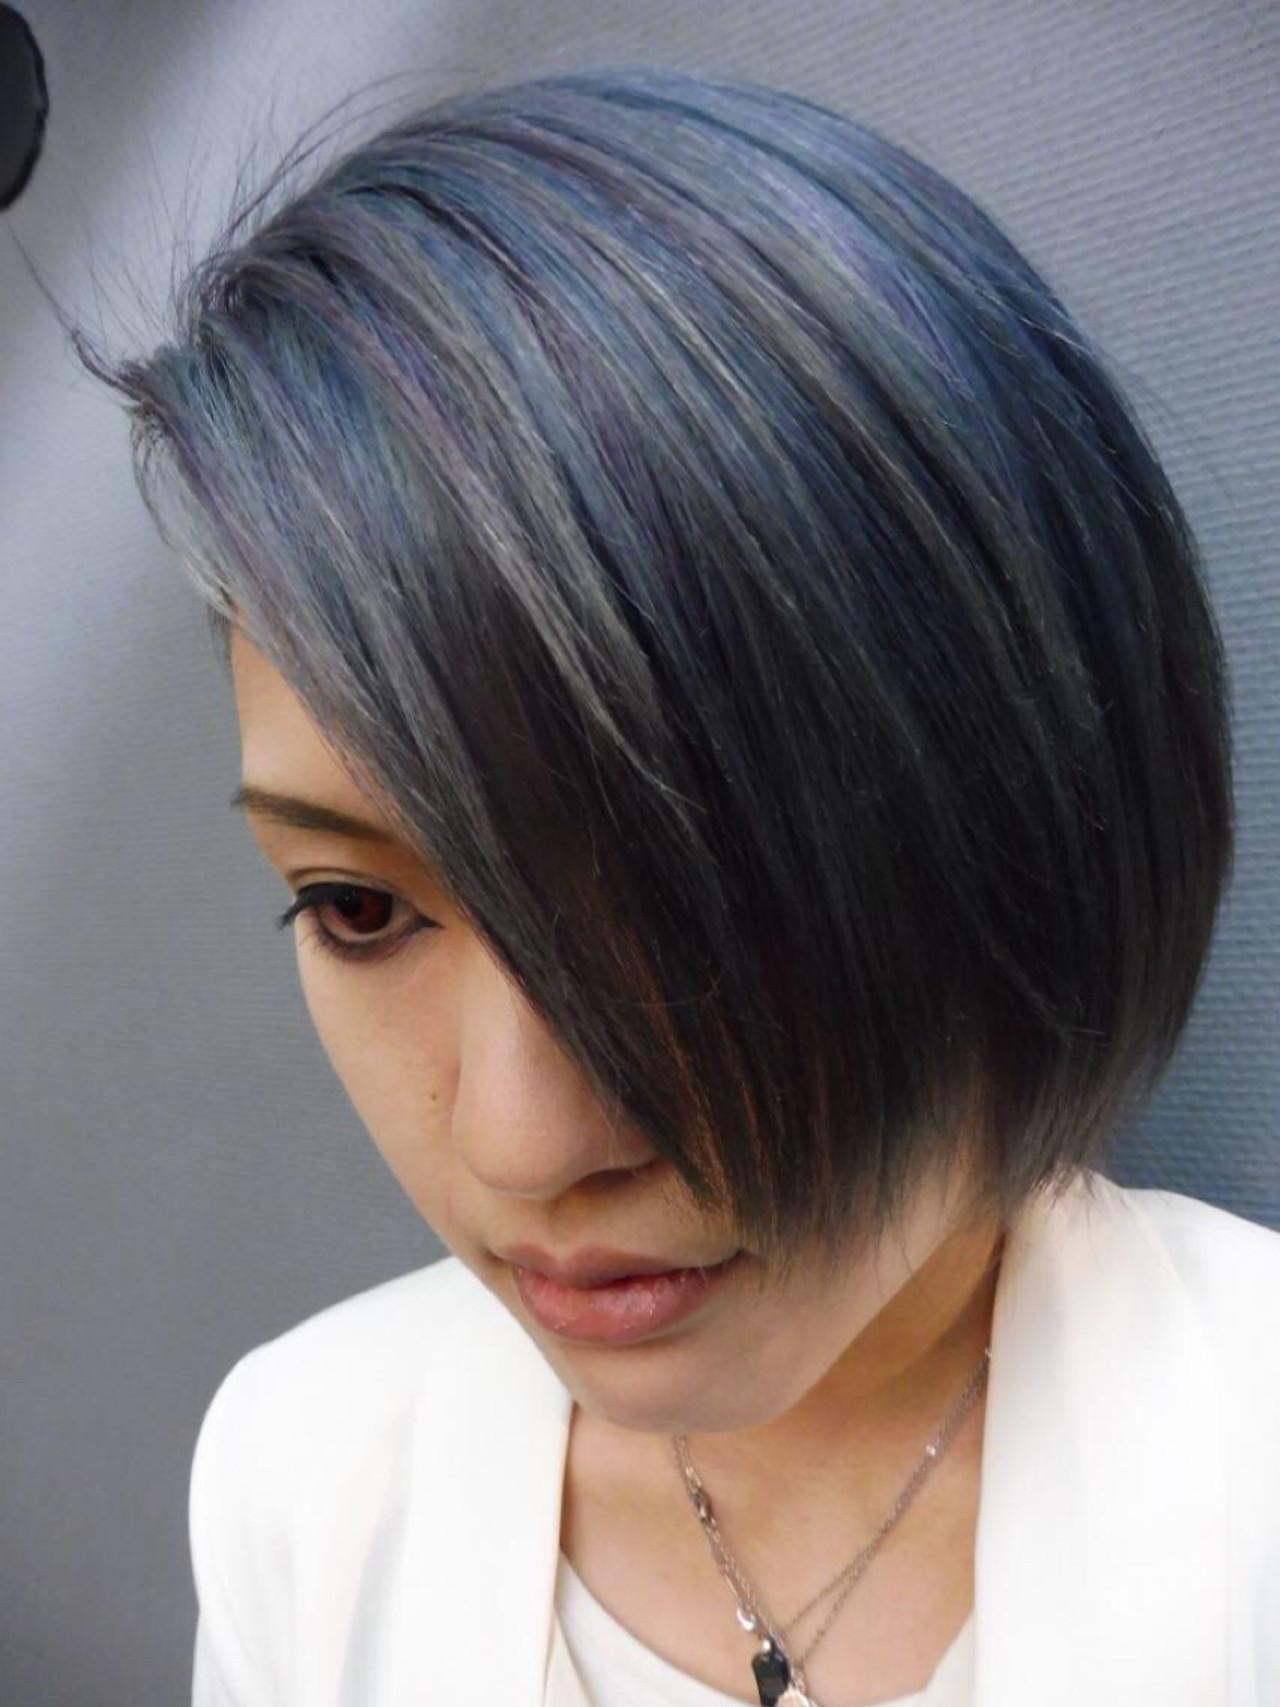 ストリート ブルージュ ボブ メッシュ ヘアスタイルや髪型の写真・画像